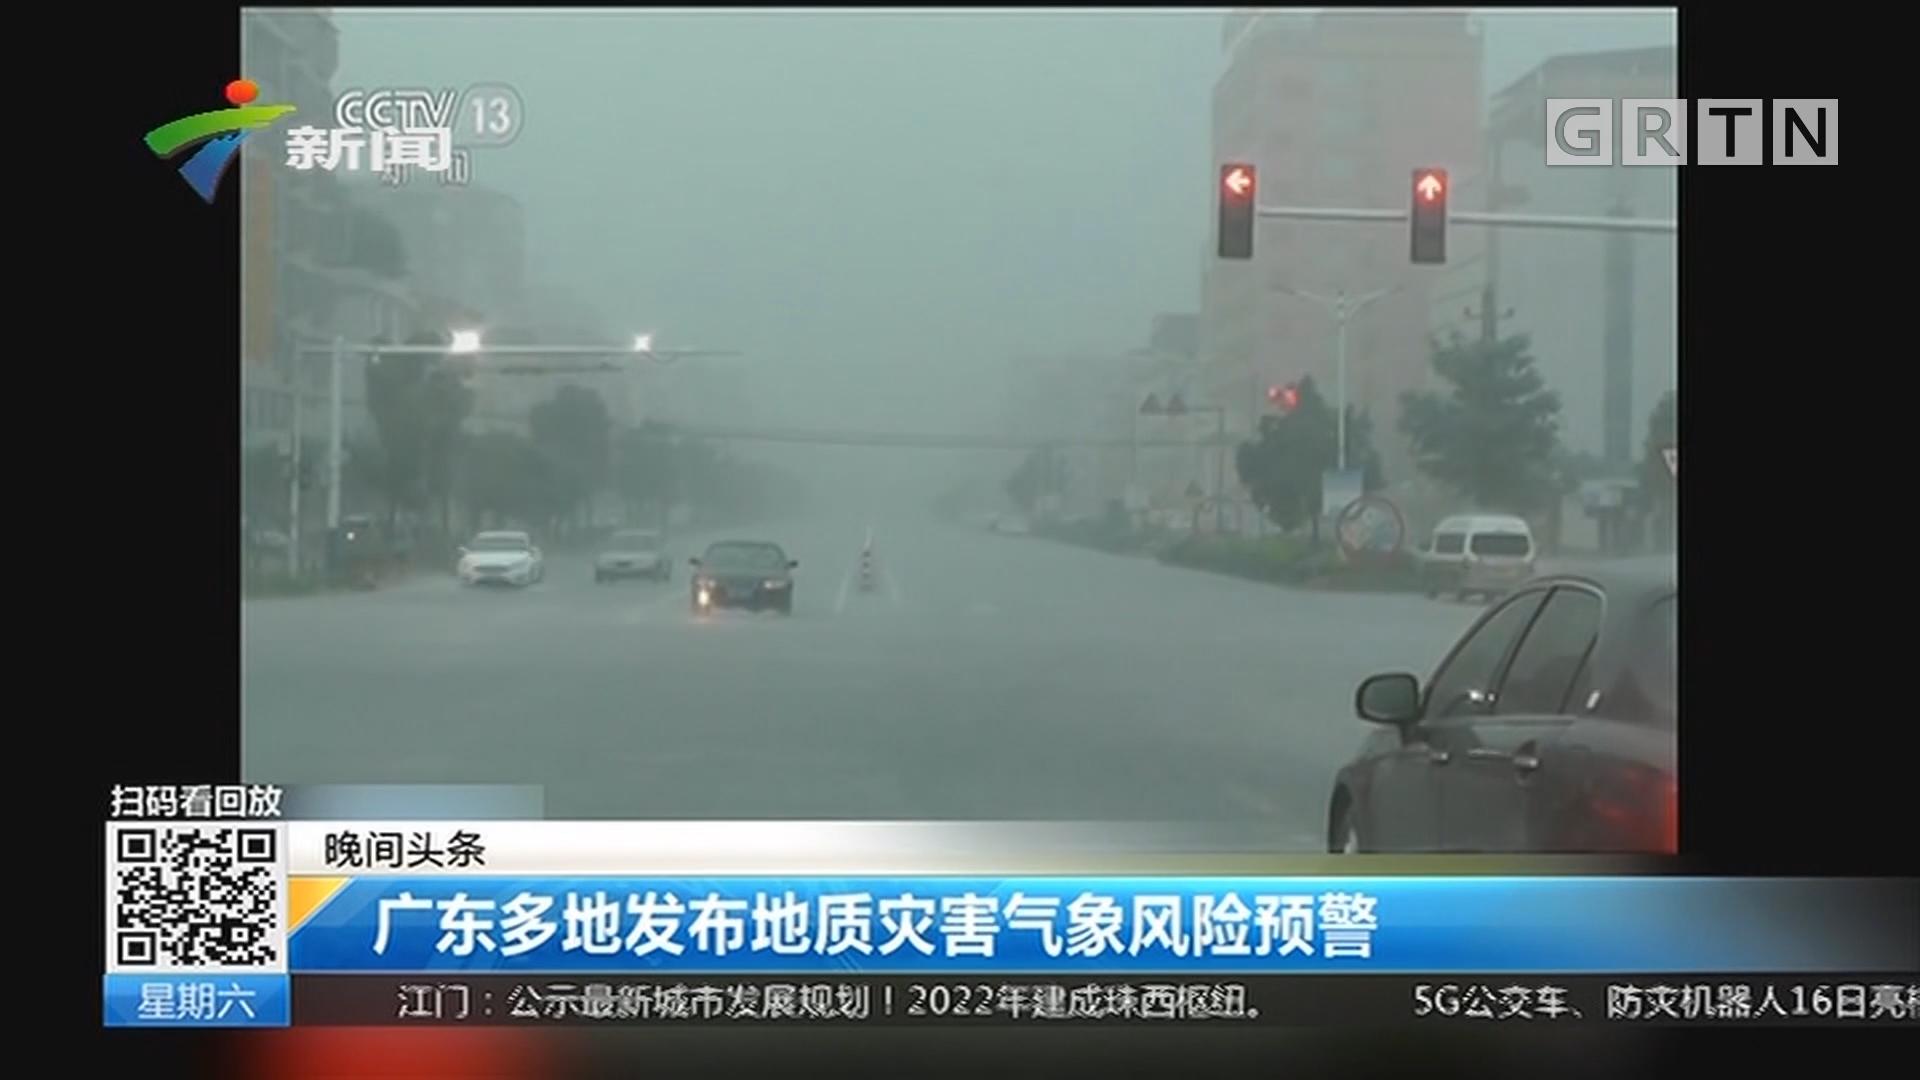 manbetx手机版 - 登陆多地发布地质灾害气象风险预警